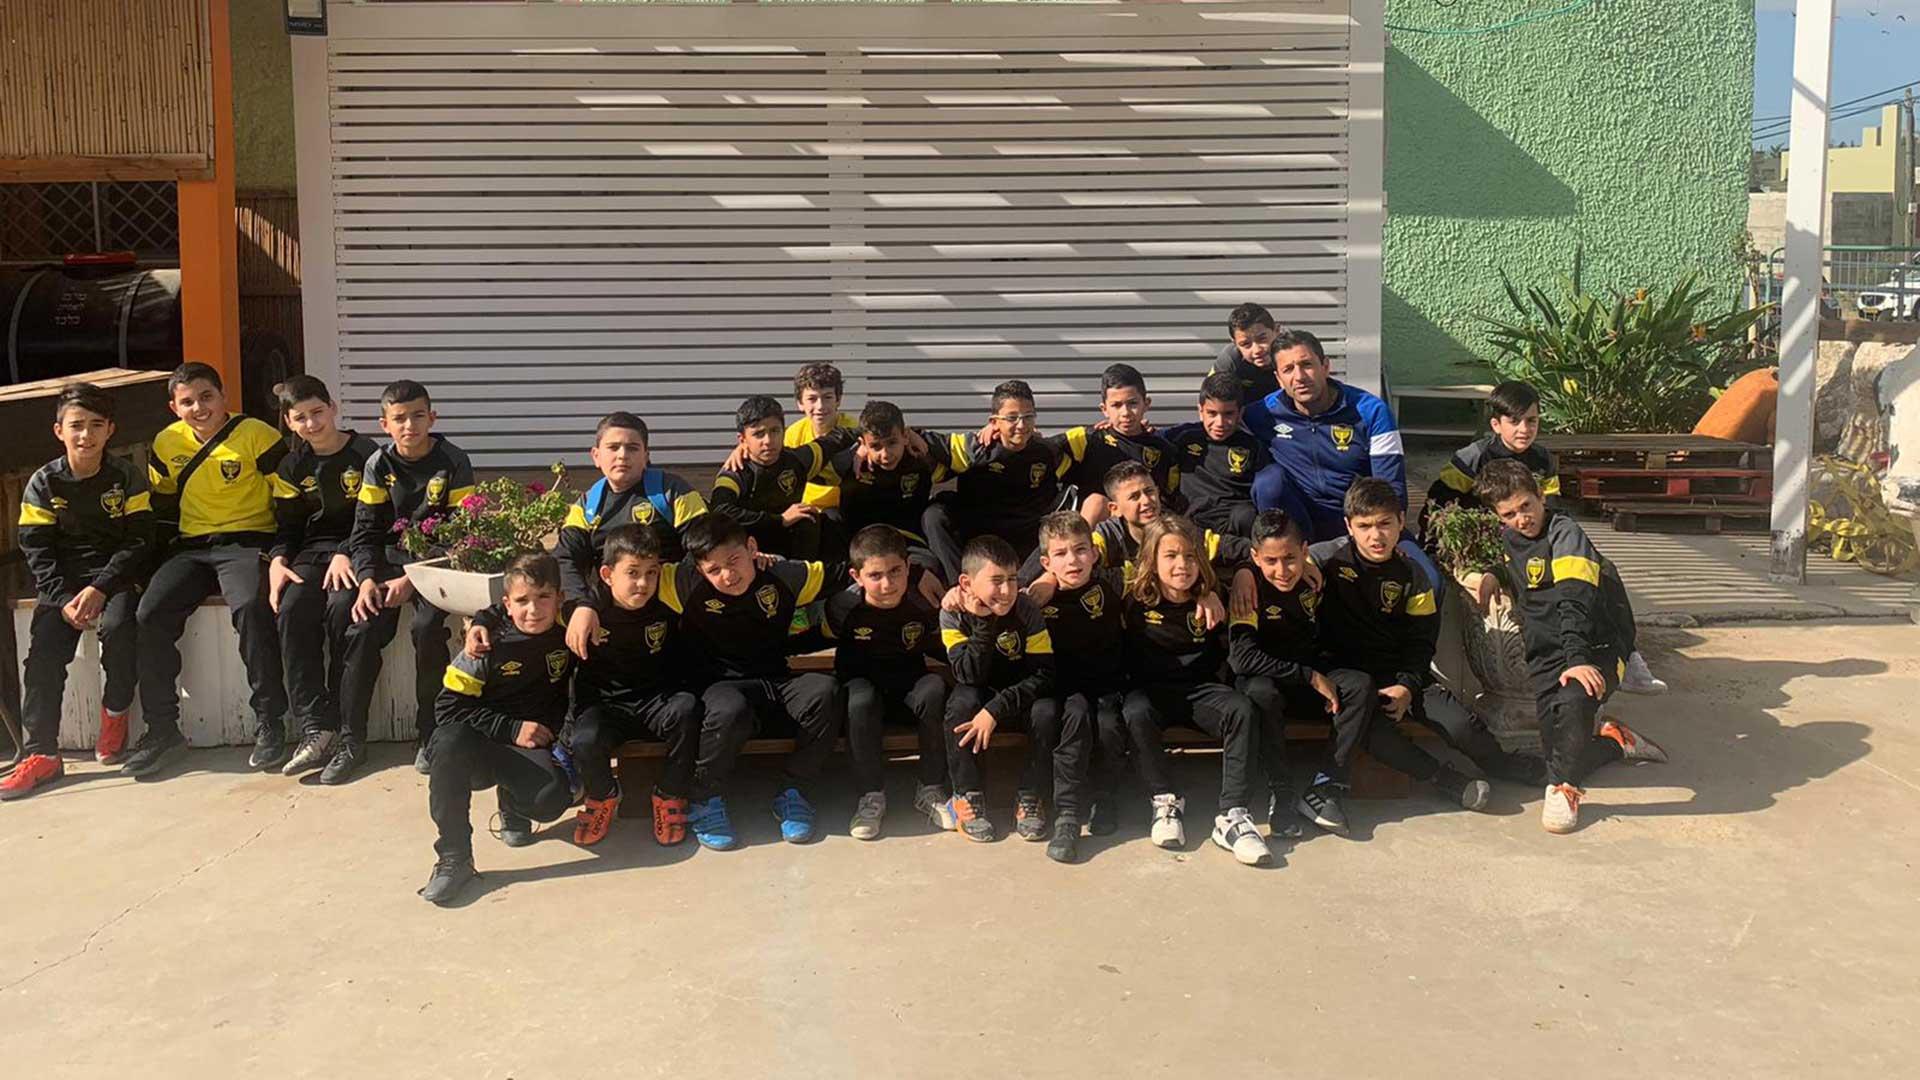 ילדי בית הספר לכדורגל לכיש